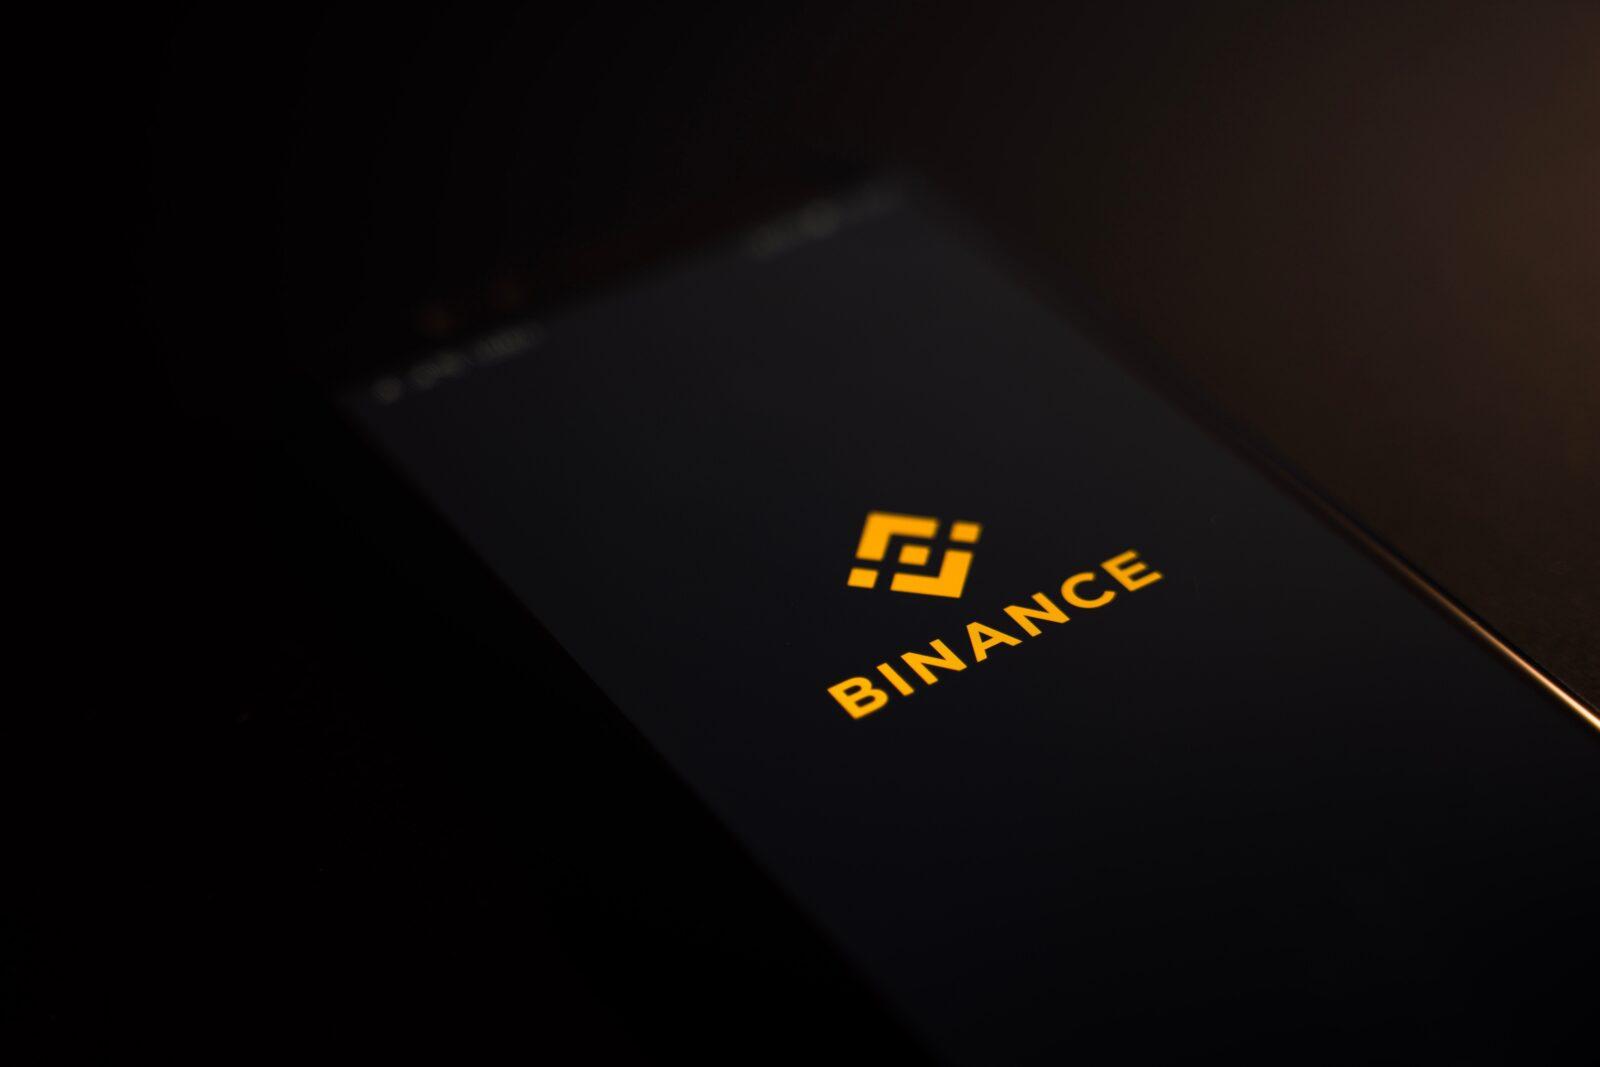 روز ارز - BNB چیست؟